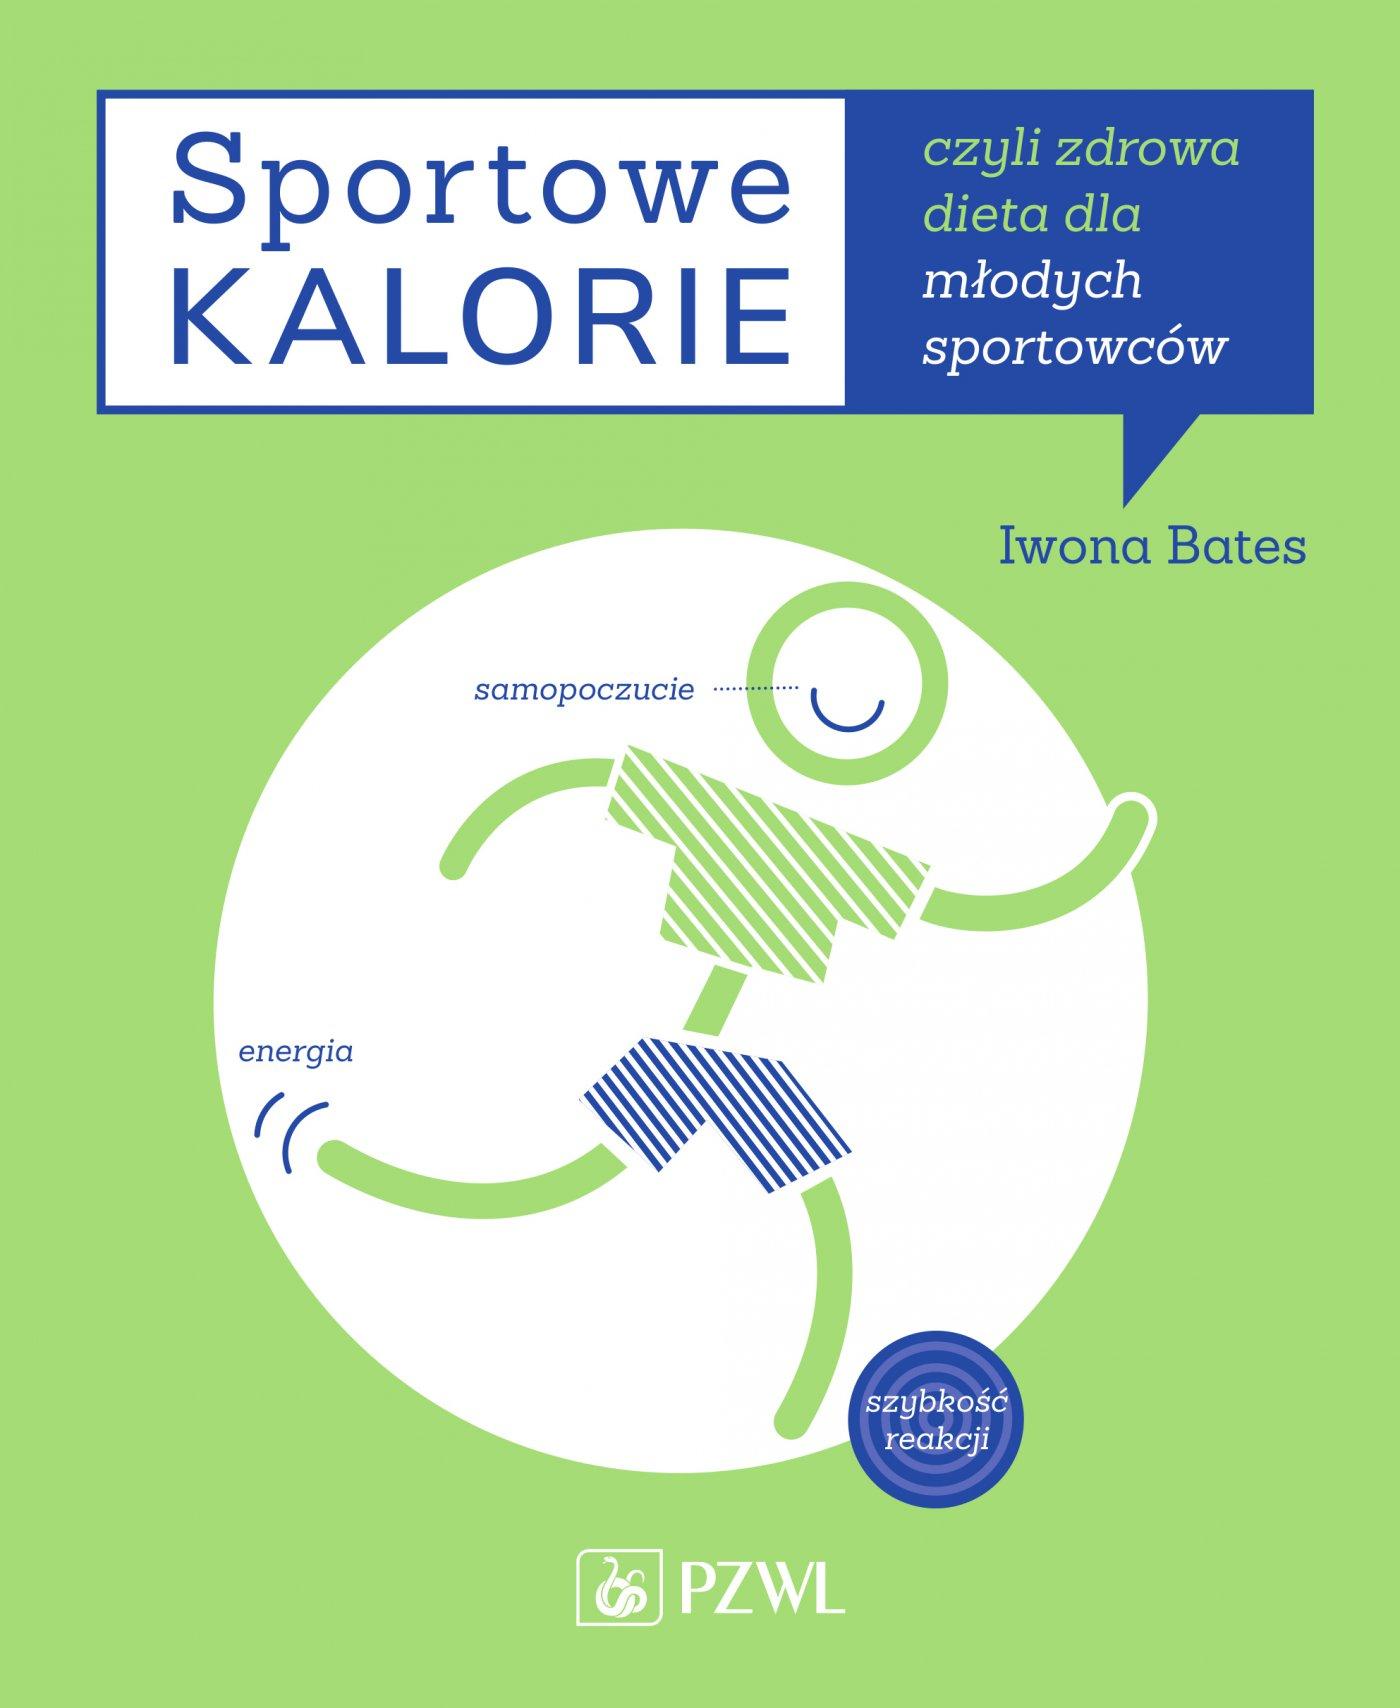 Sportowe kalorie, czyli dieta dla młodych sportowców - Ebook (Książka na Kindle) do pobrania w formacie MOBI